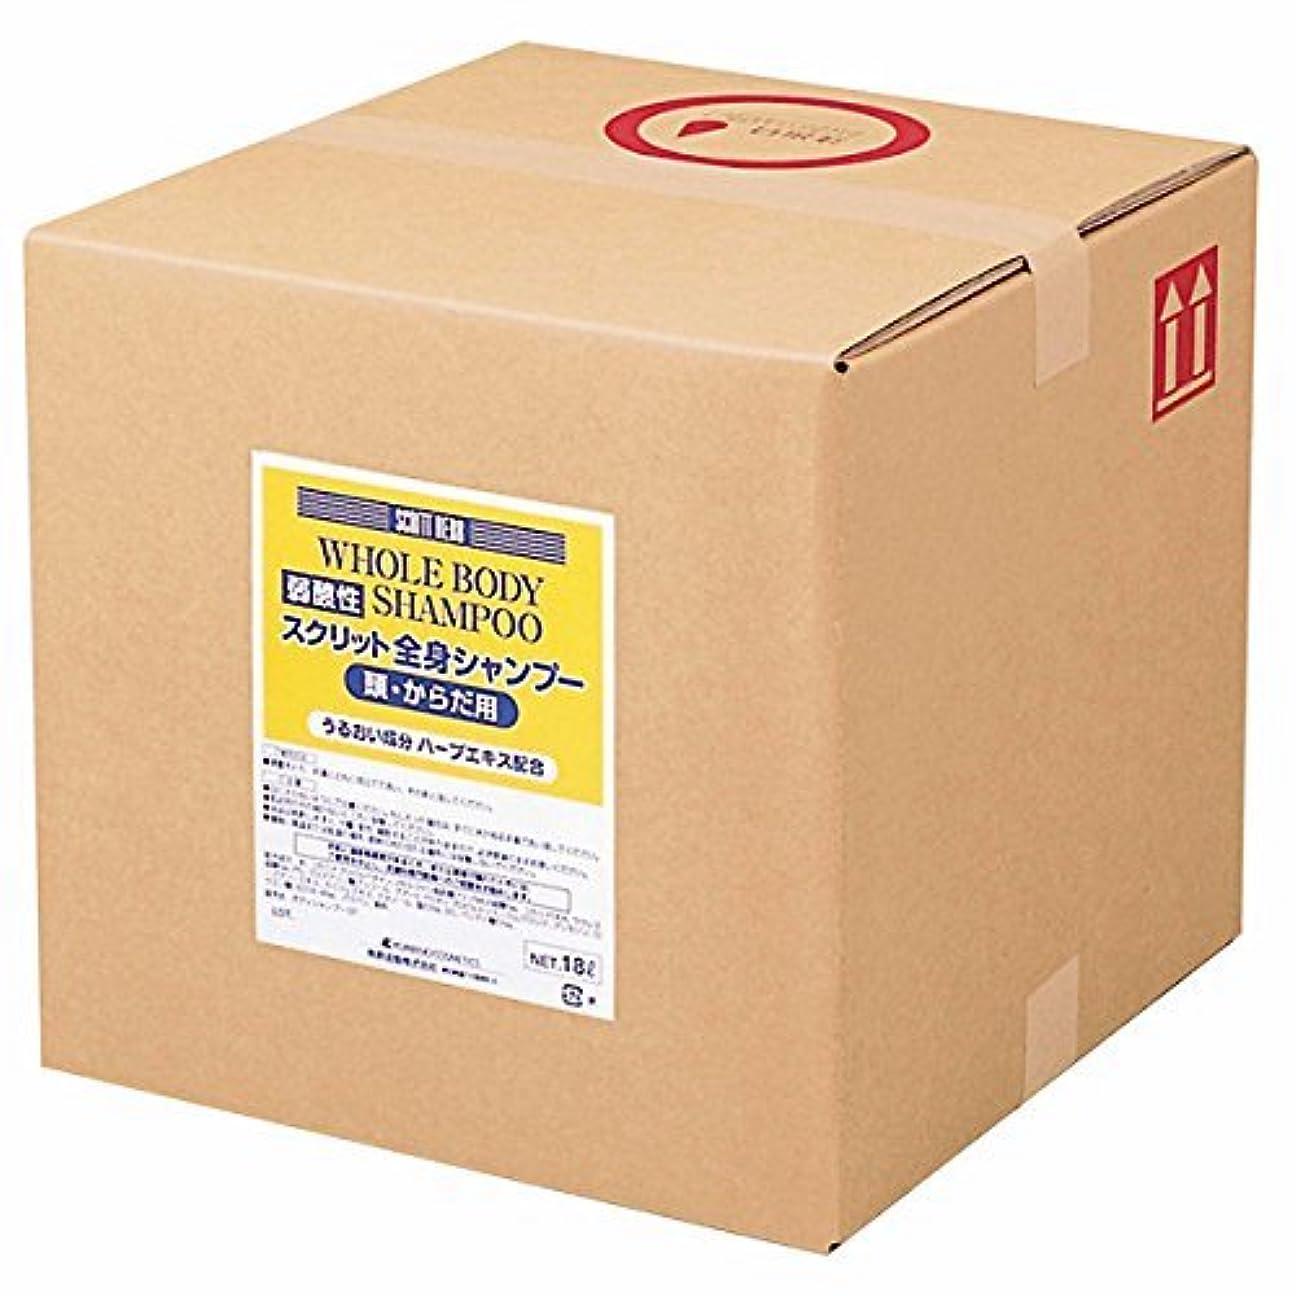 株式会社船酔いグリーンランド熊野油脂 業務用 SCRITT(スクリット) 全身シャンプー 18L